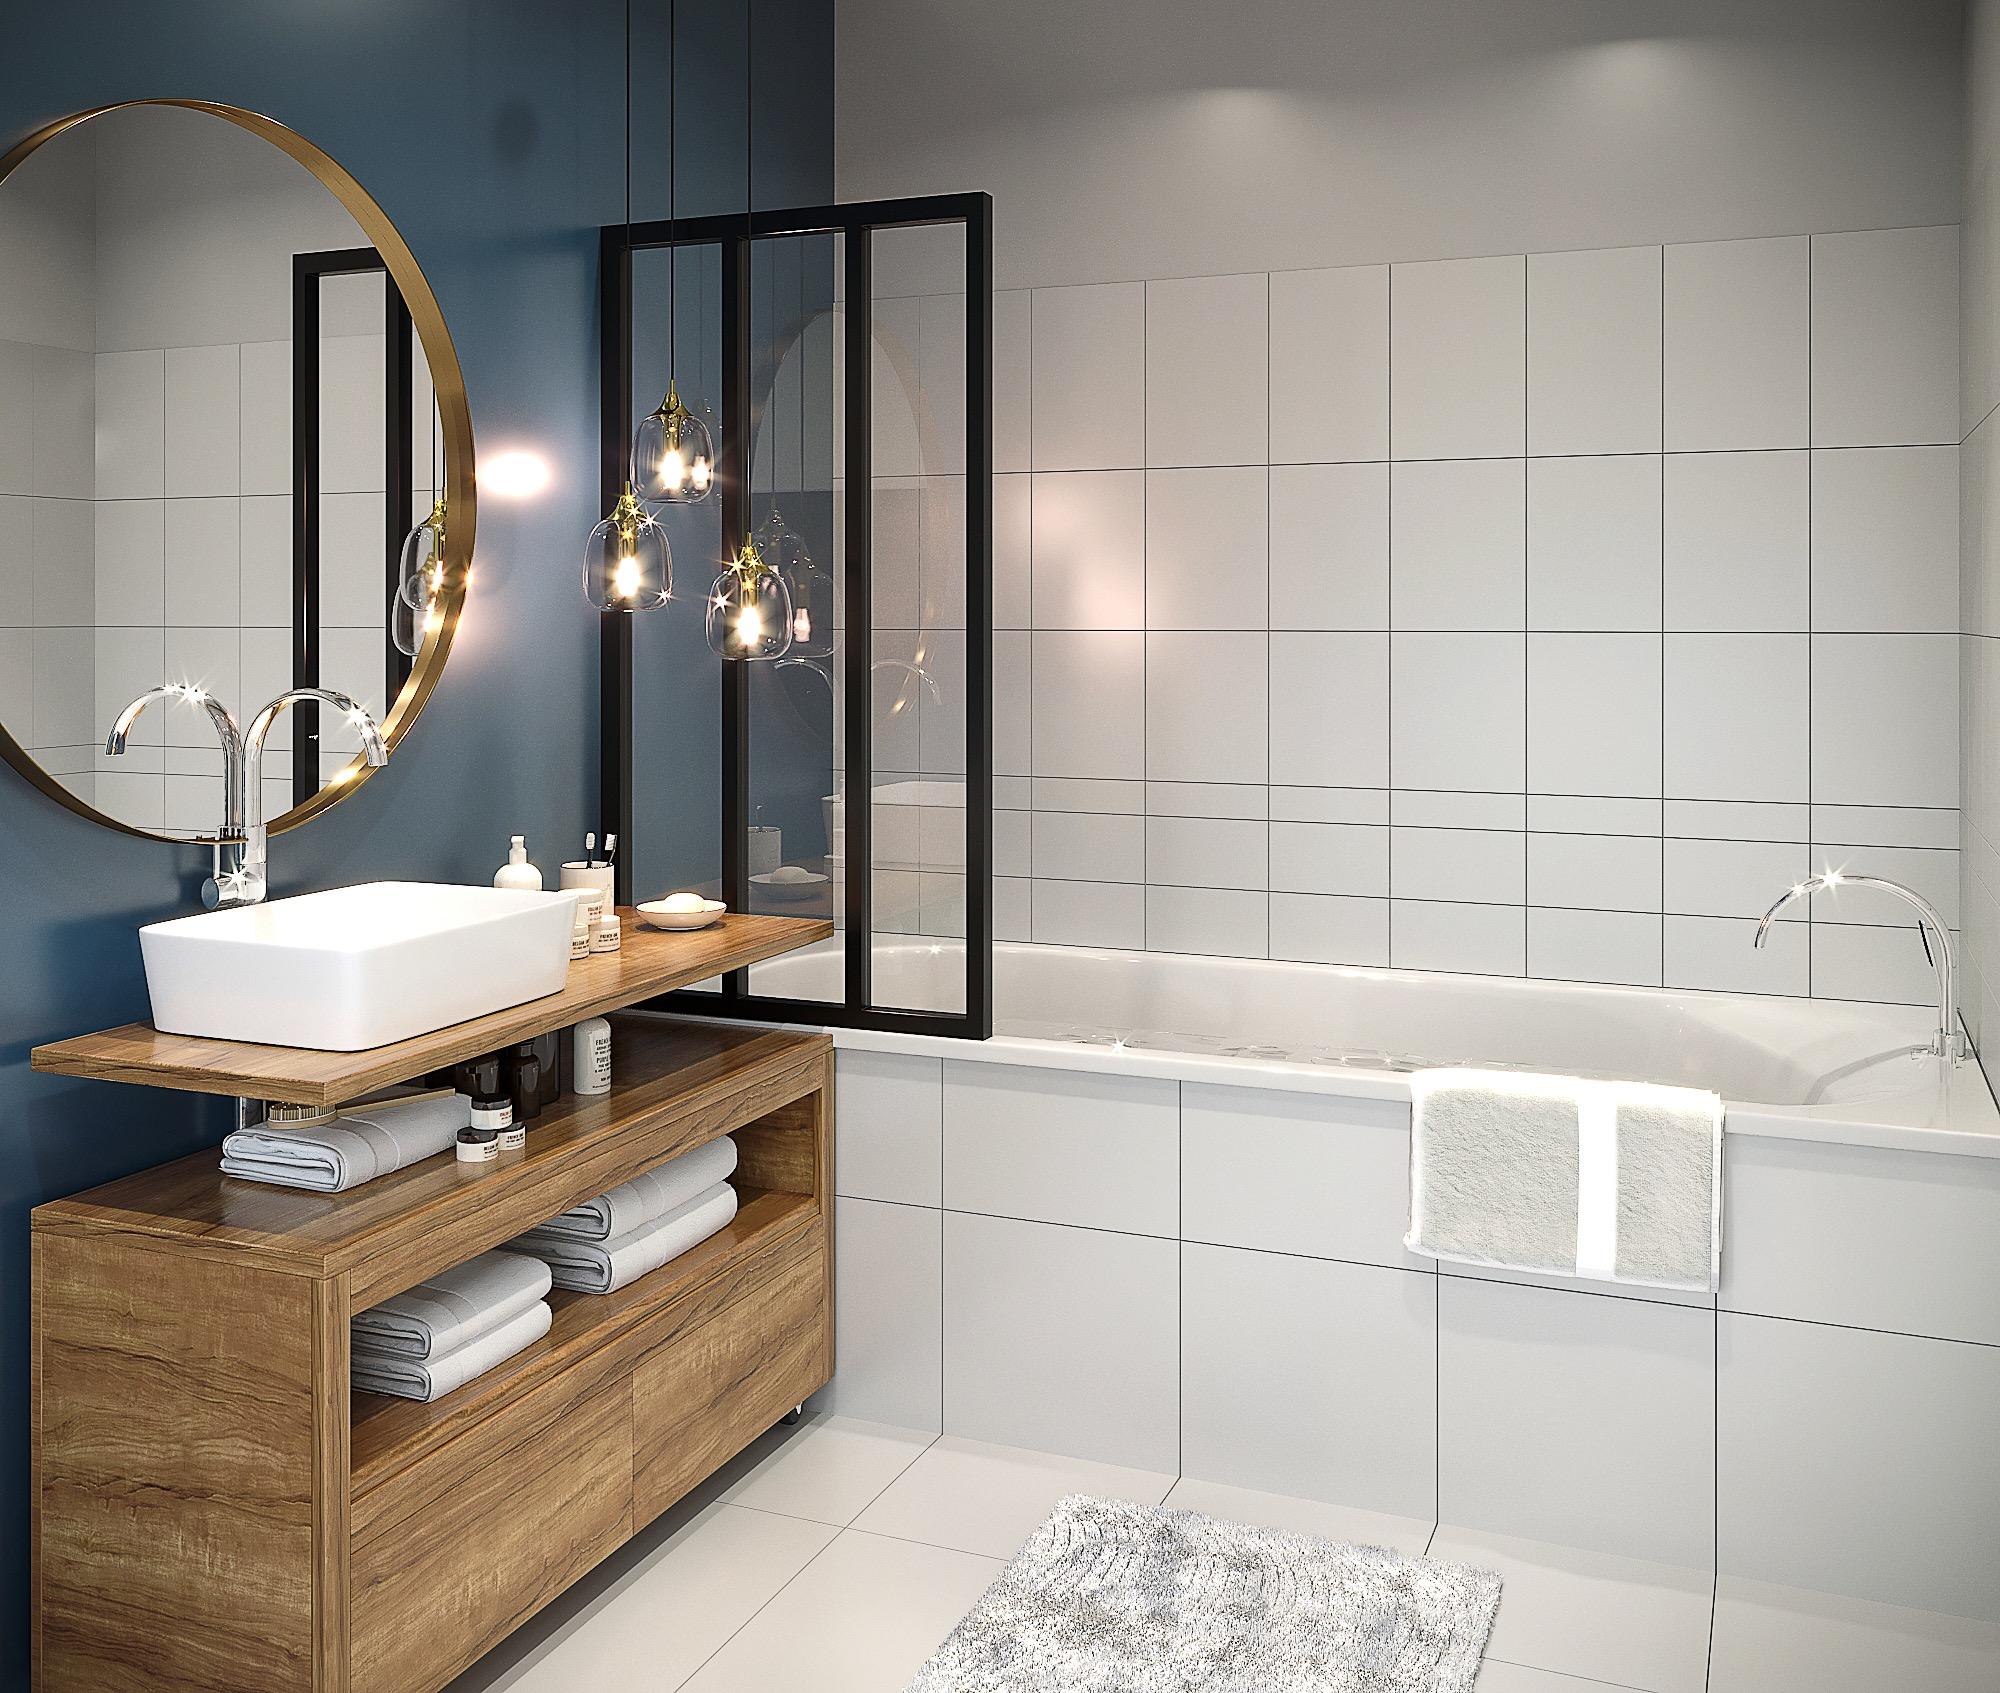 Enduit Carrelage Salle De Bain comment relooker une salle de bains ? - madame figaro